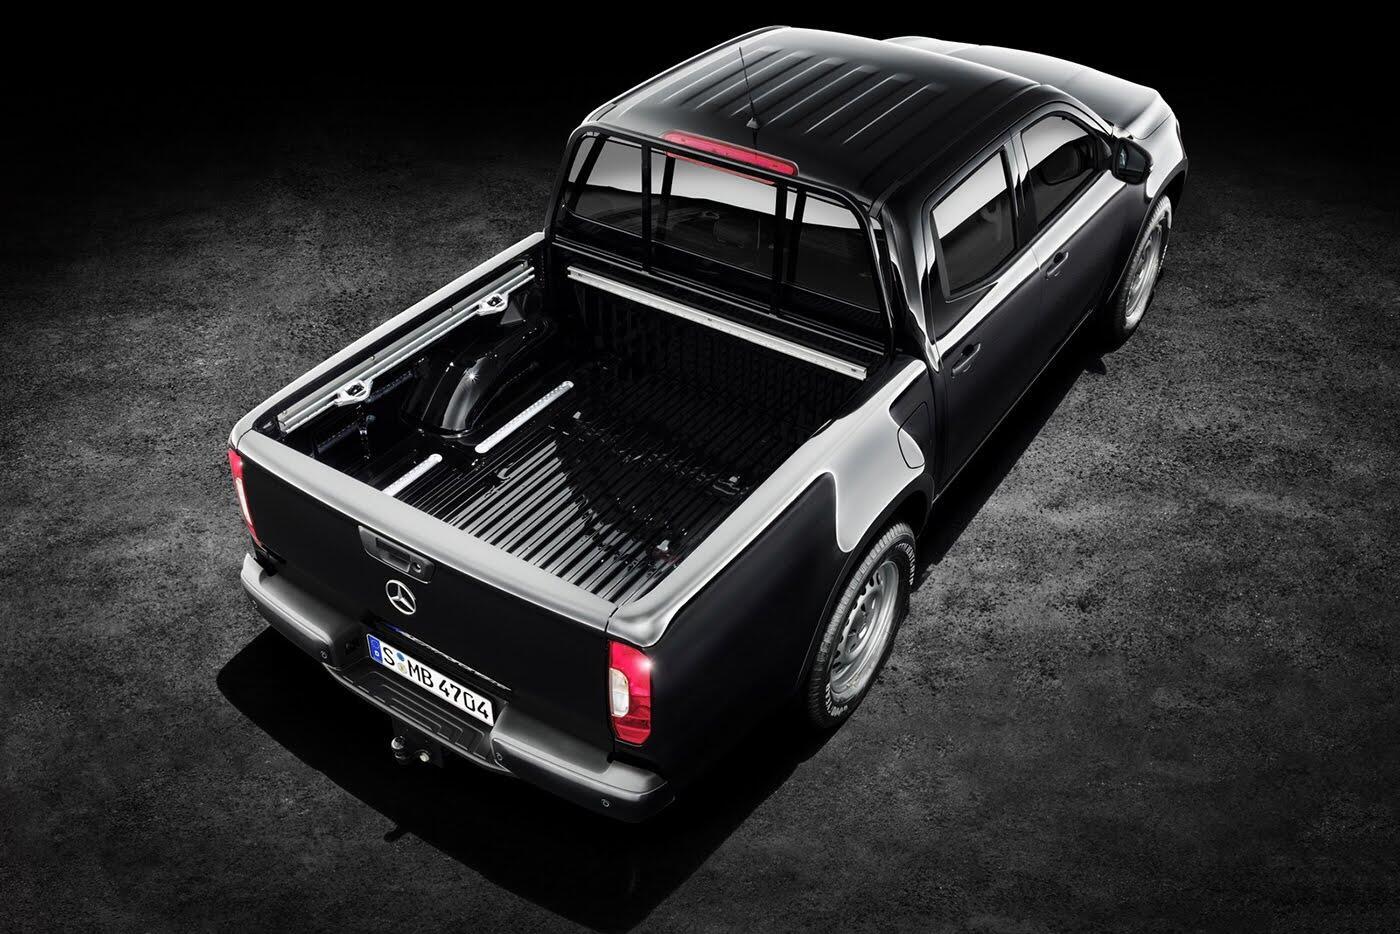 Bán tải Mercedes-Benz X-Class sẽ không có phiên bản động cơ V8 4.0L - Hình 4